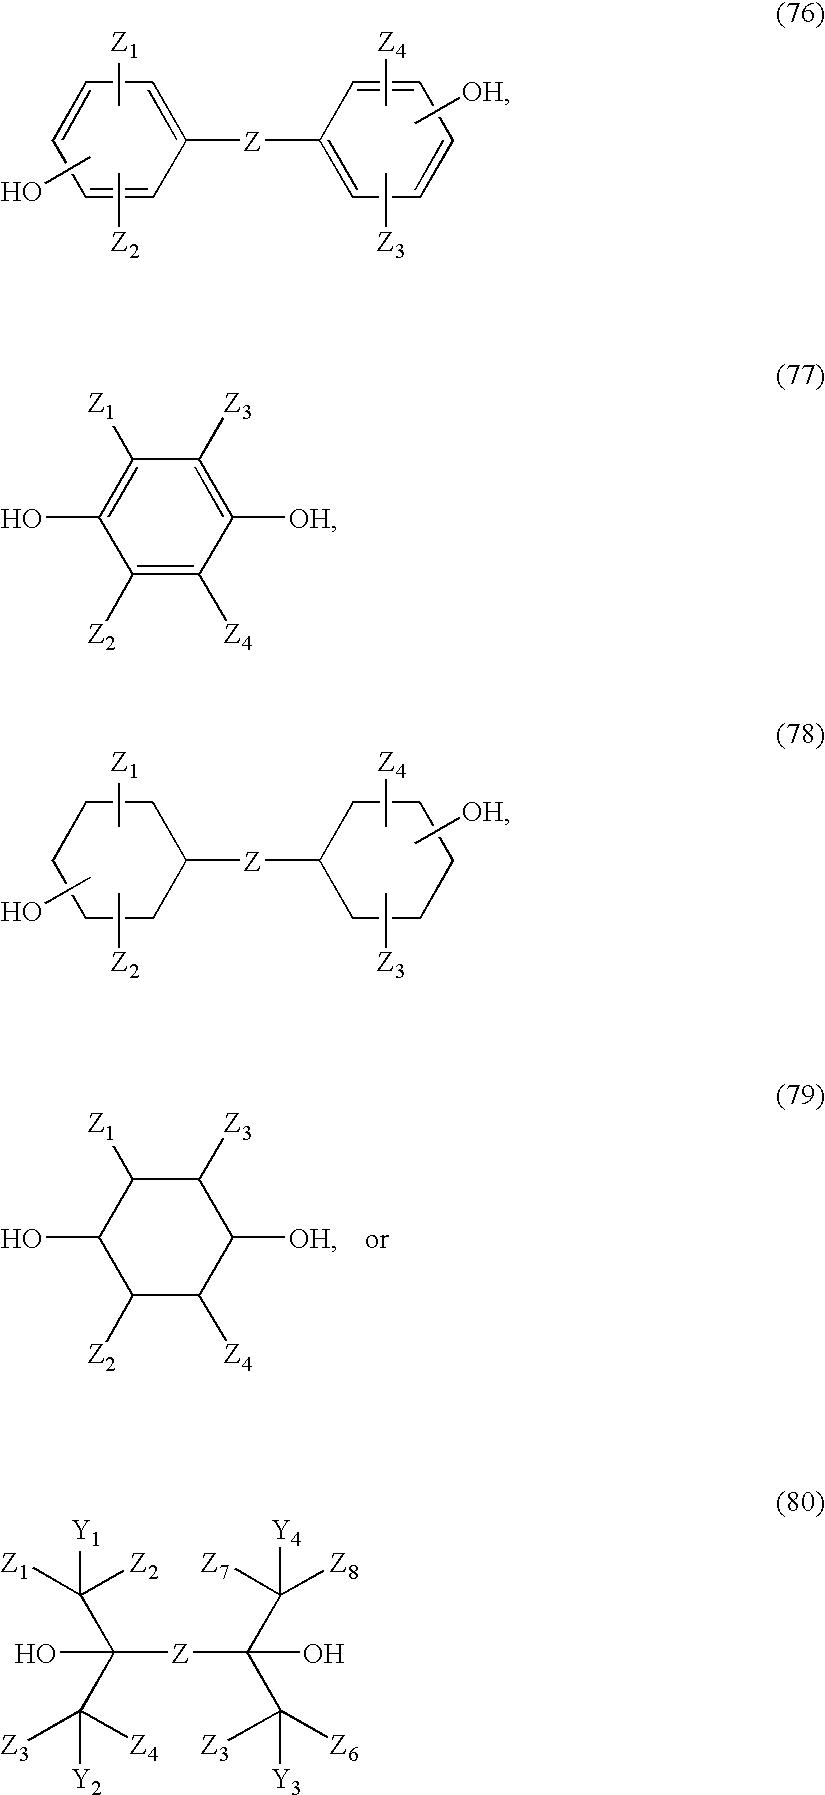 Figure US20050272529A1-20051208-C00052